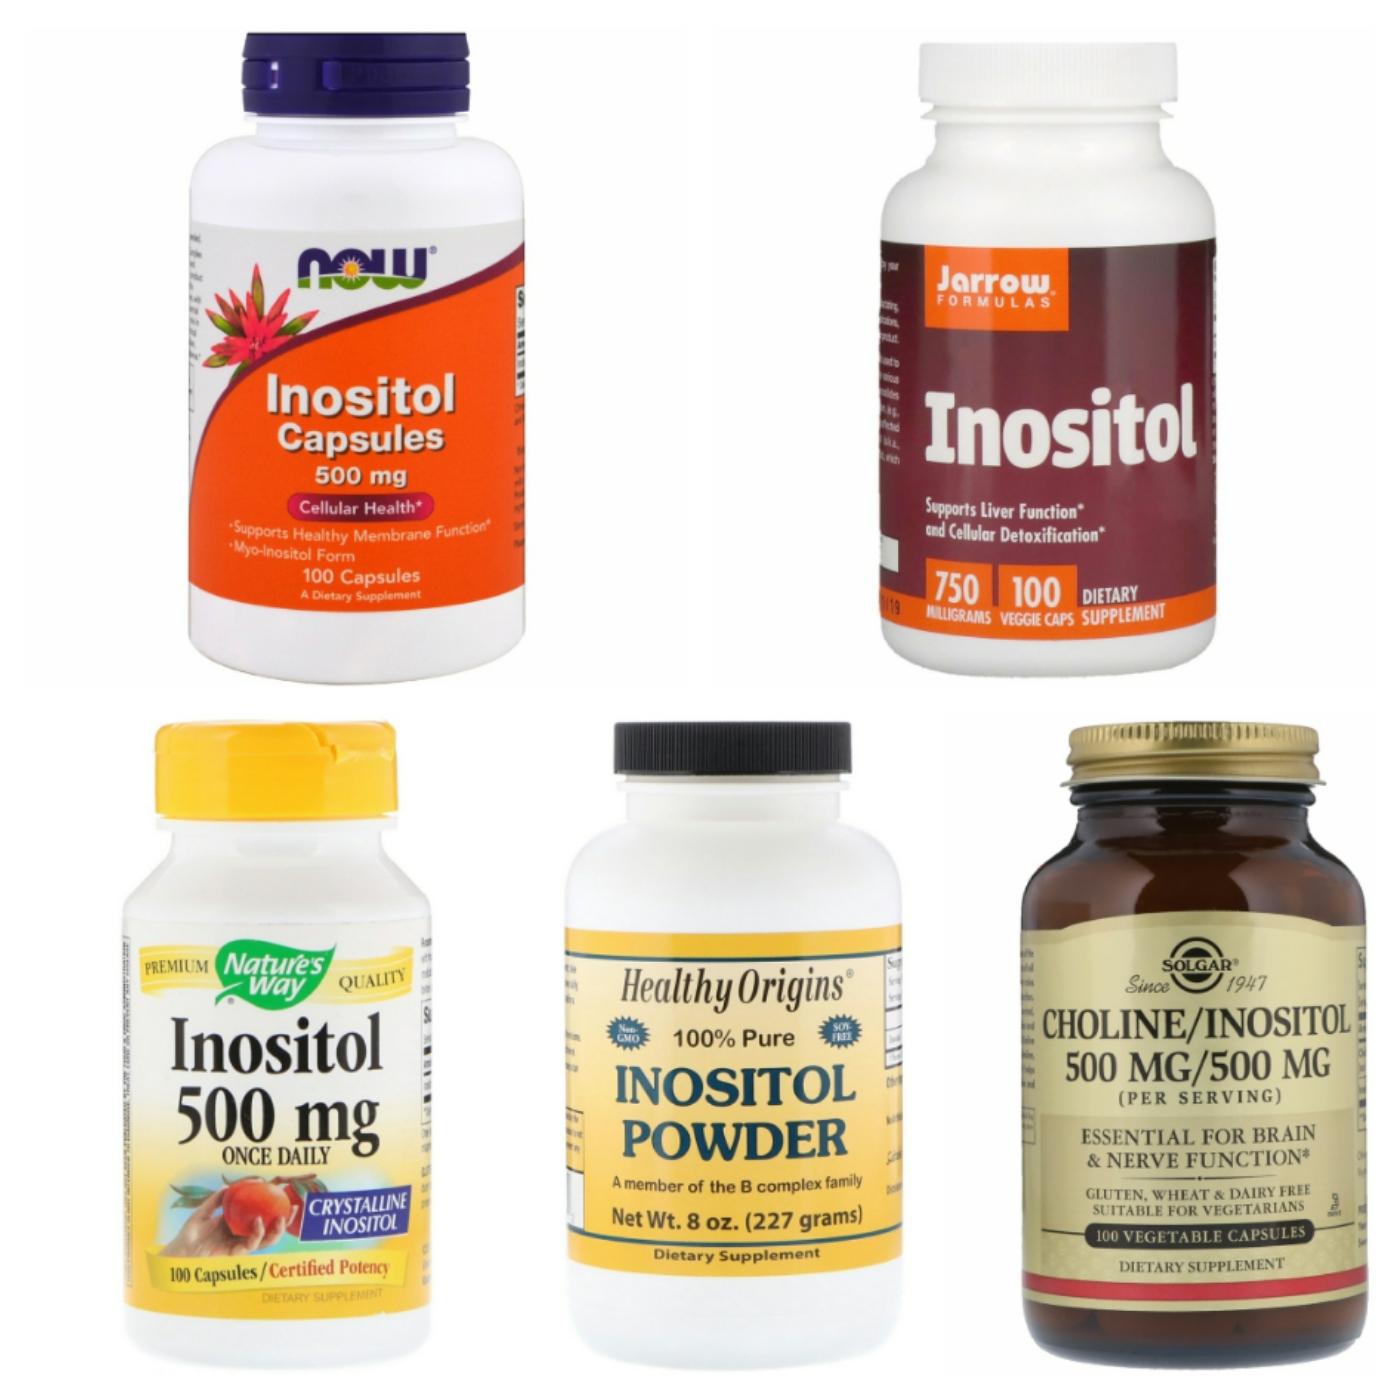 Витамин в8 (инозитол) - для чего нужен и где содержится